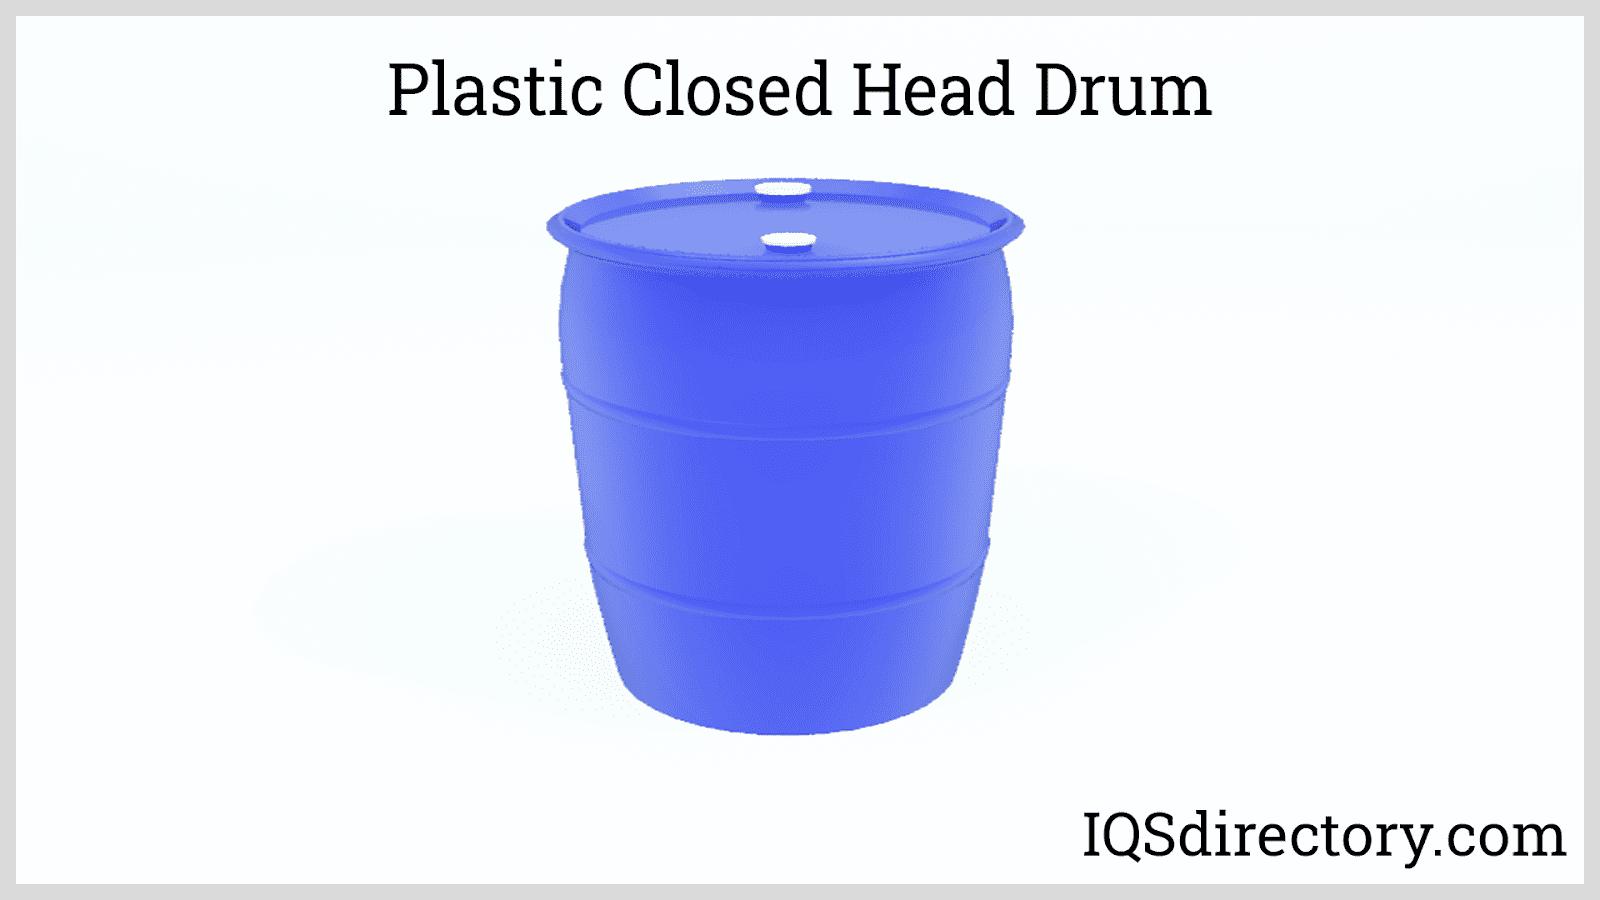 Plastic Closed Head Drum